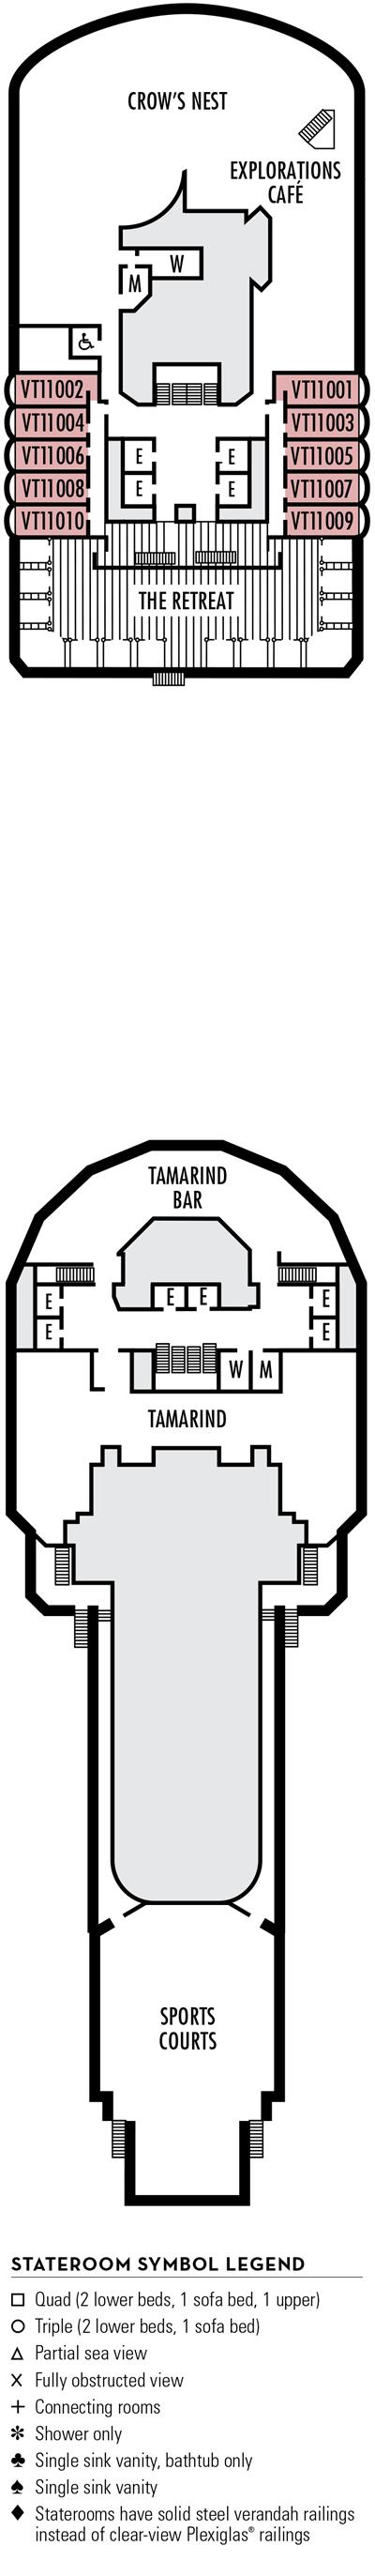 Deck 11 - HAL's Eurodam